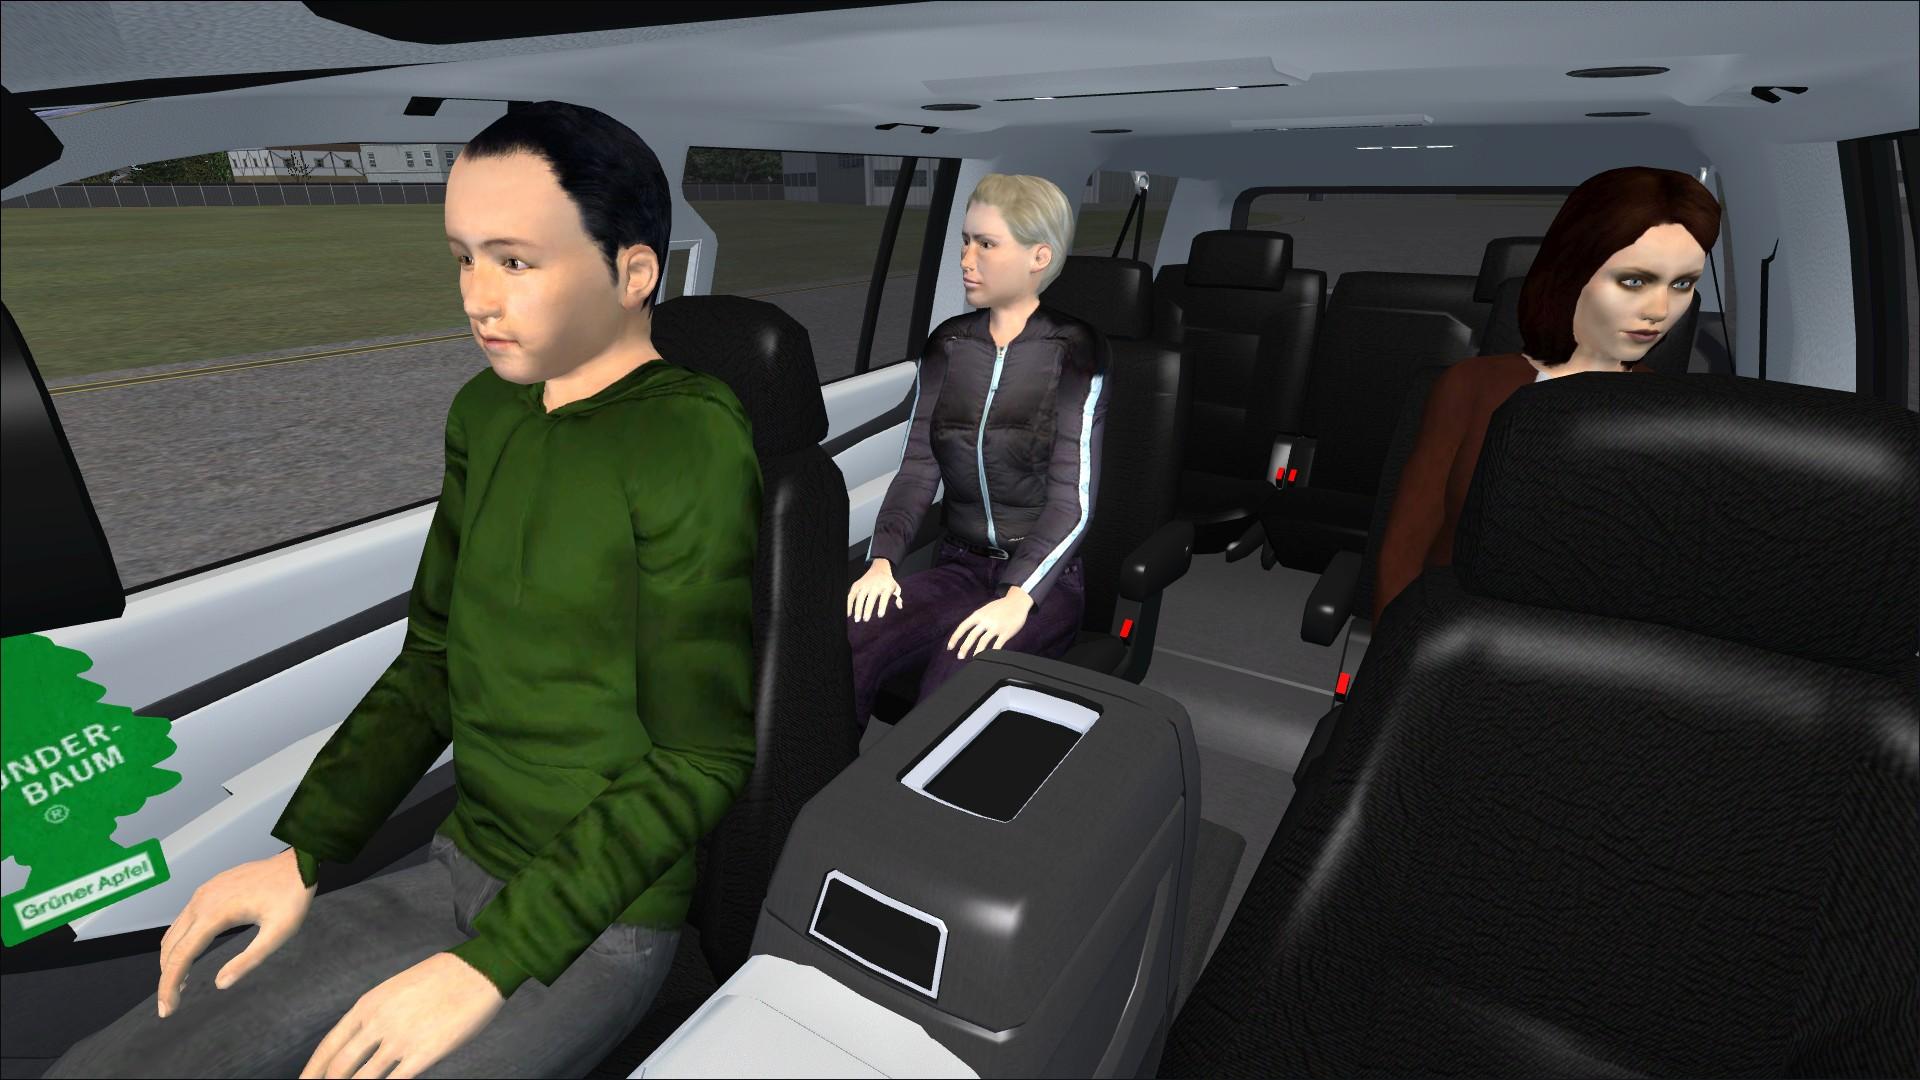 fsx_chevrolet_passengers_2.jpg